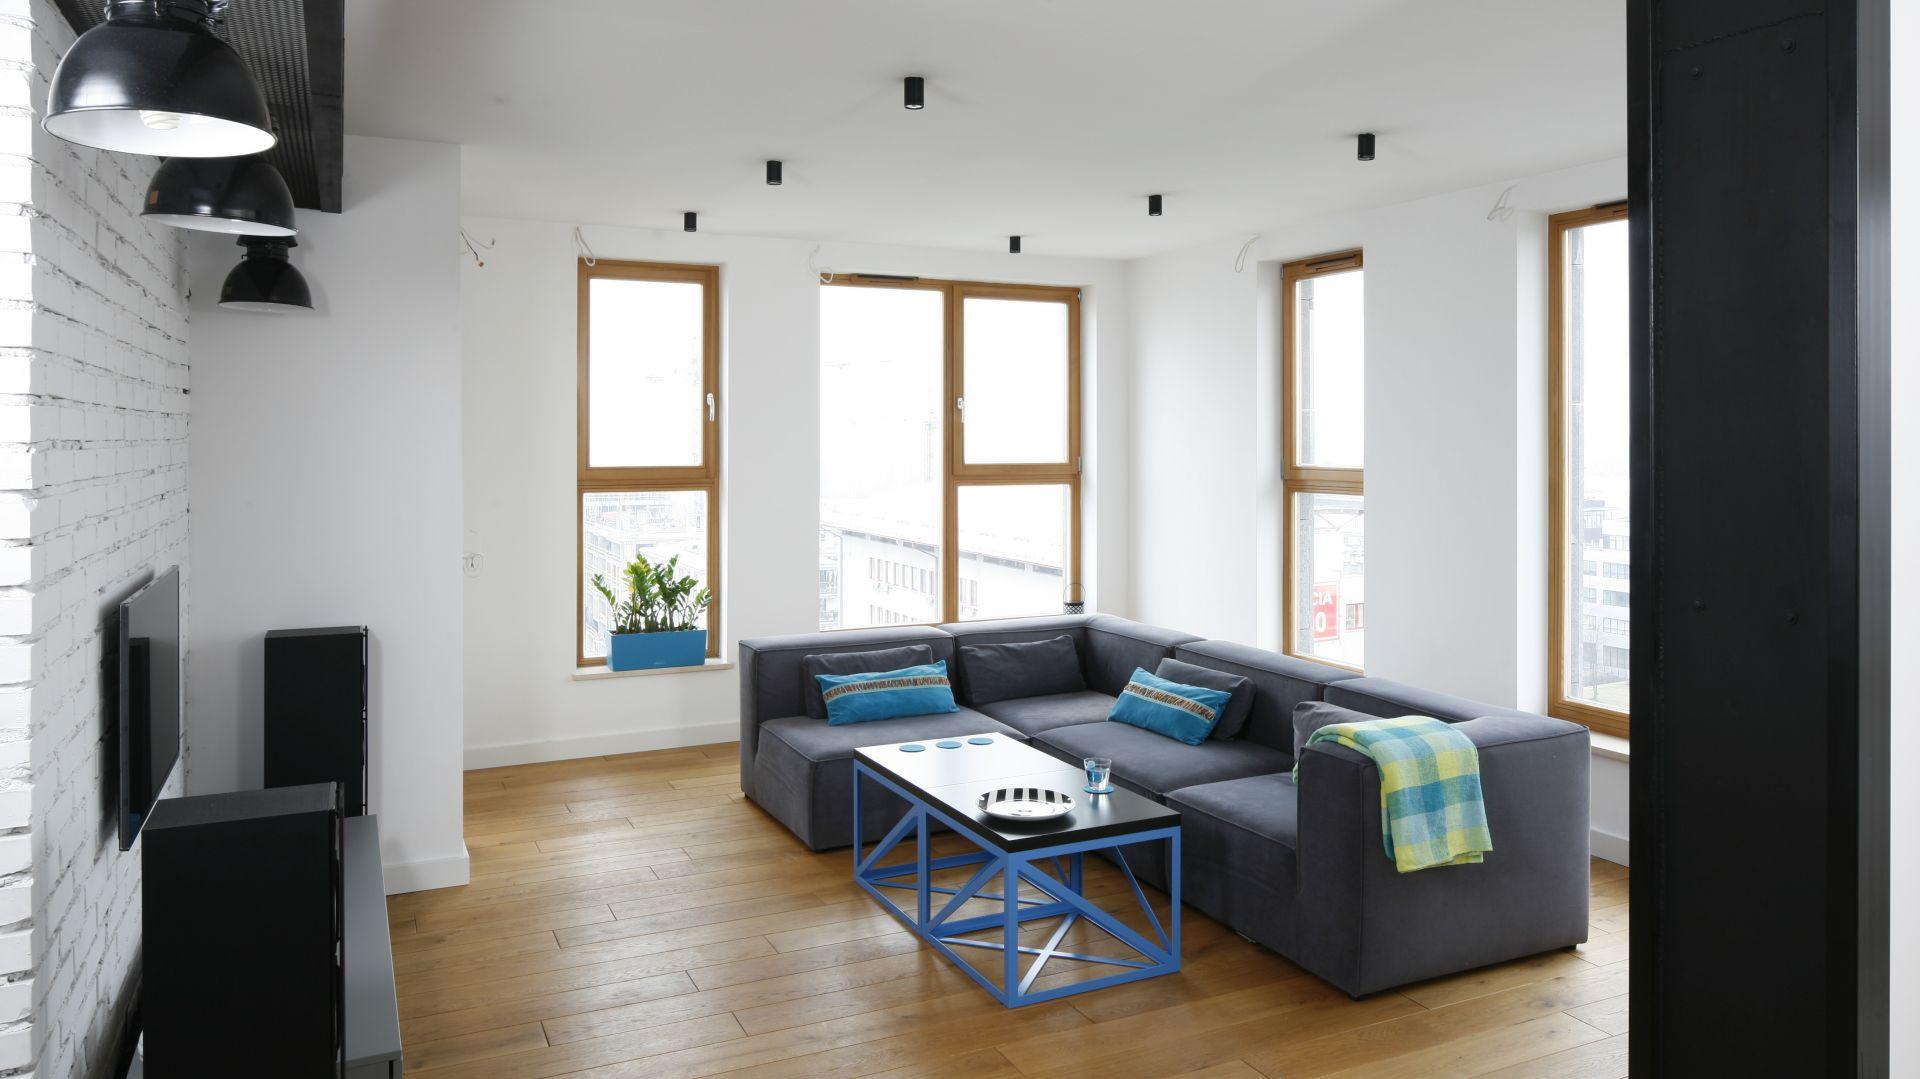 Minimalistyczne wnętrza nie lubią zbyt wielu mebli i przedmiotów. Niezakłócona niczym powierzchnia pozwala na spokojny odpoczynek. Projekt: Monika i Adam Bronikowscy. Fot. Bartosz Jarosz